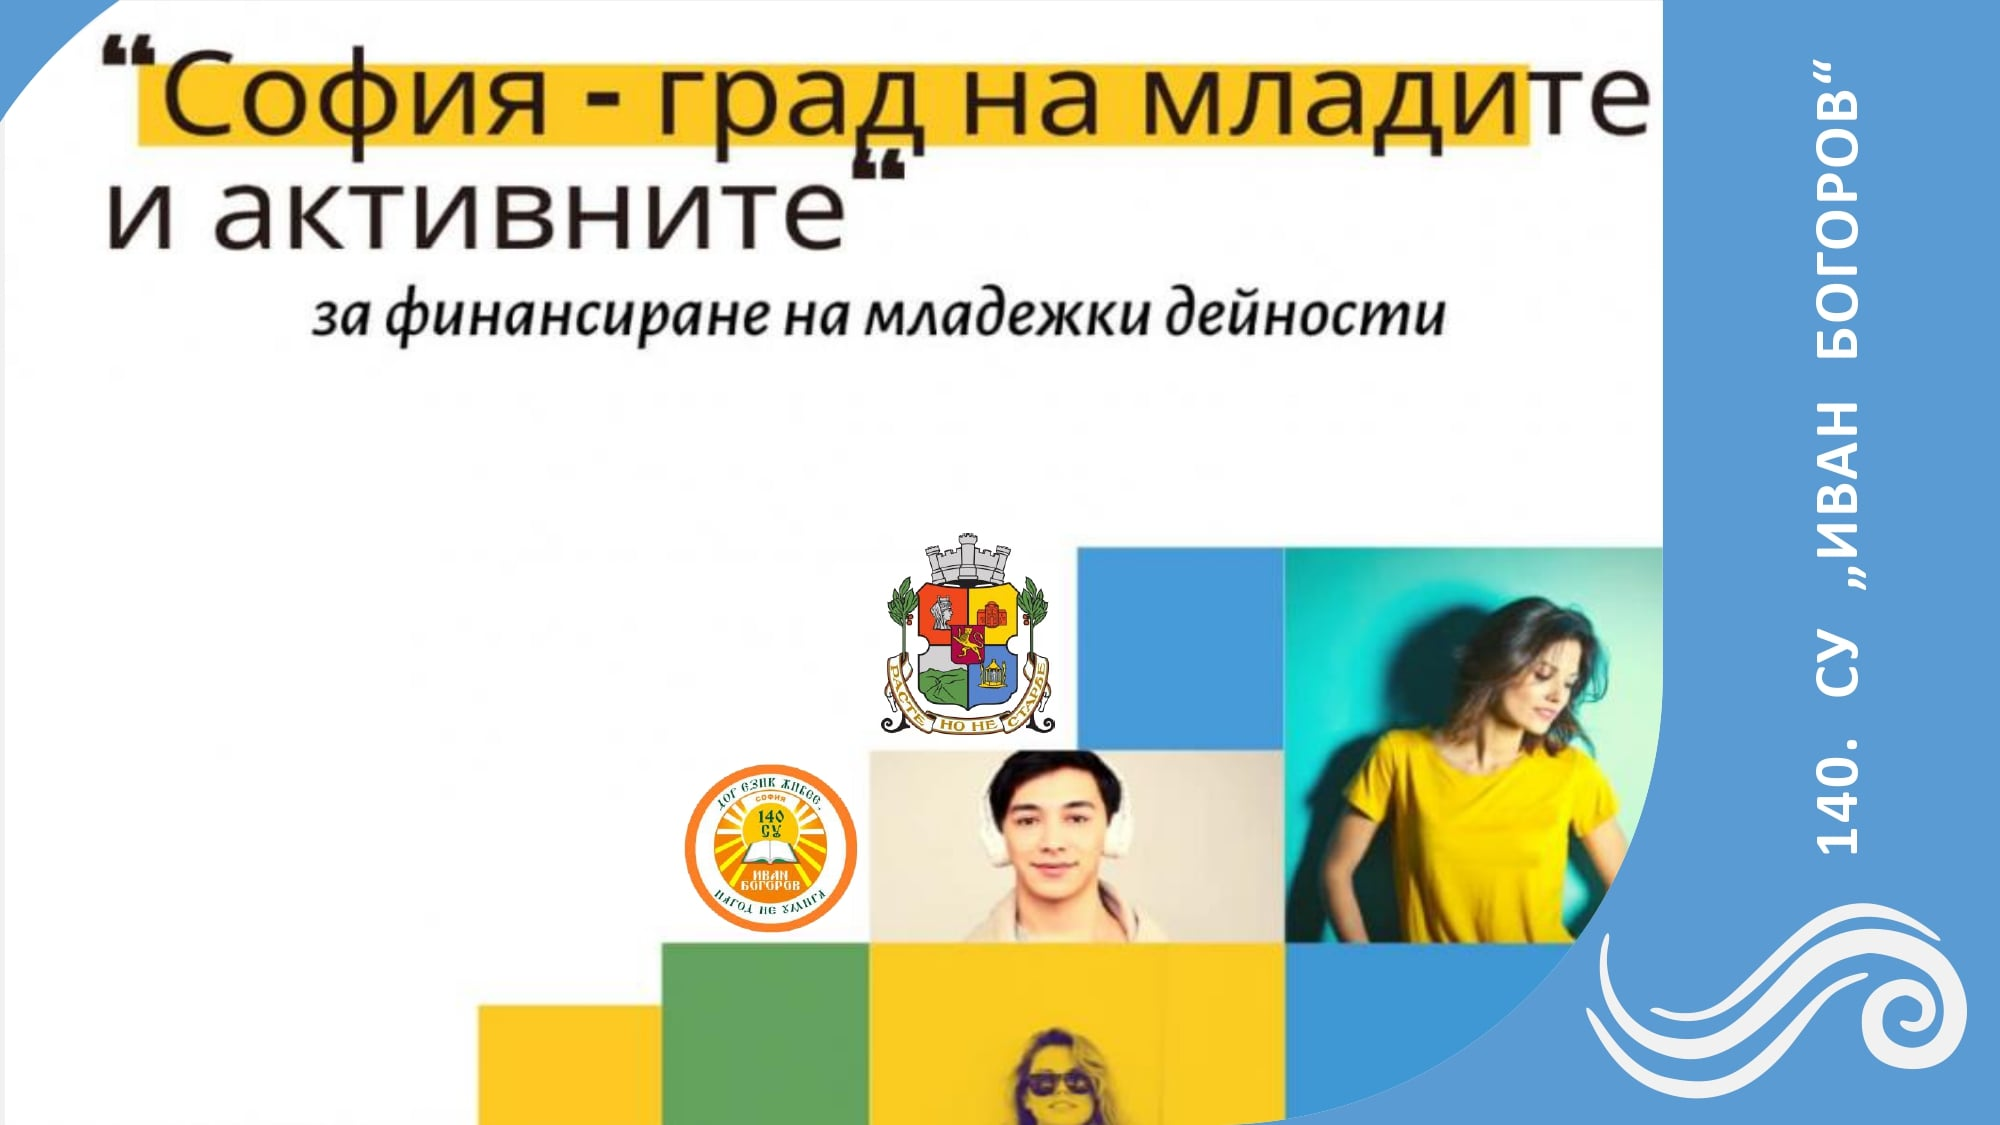 София-град на младите и активните